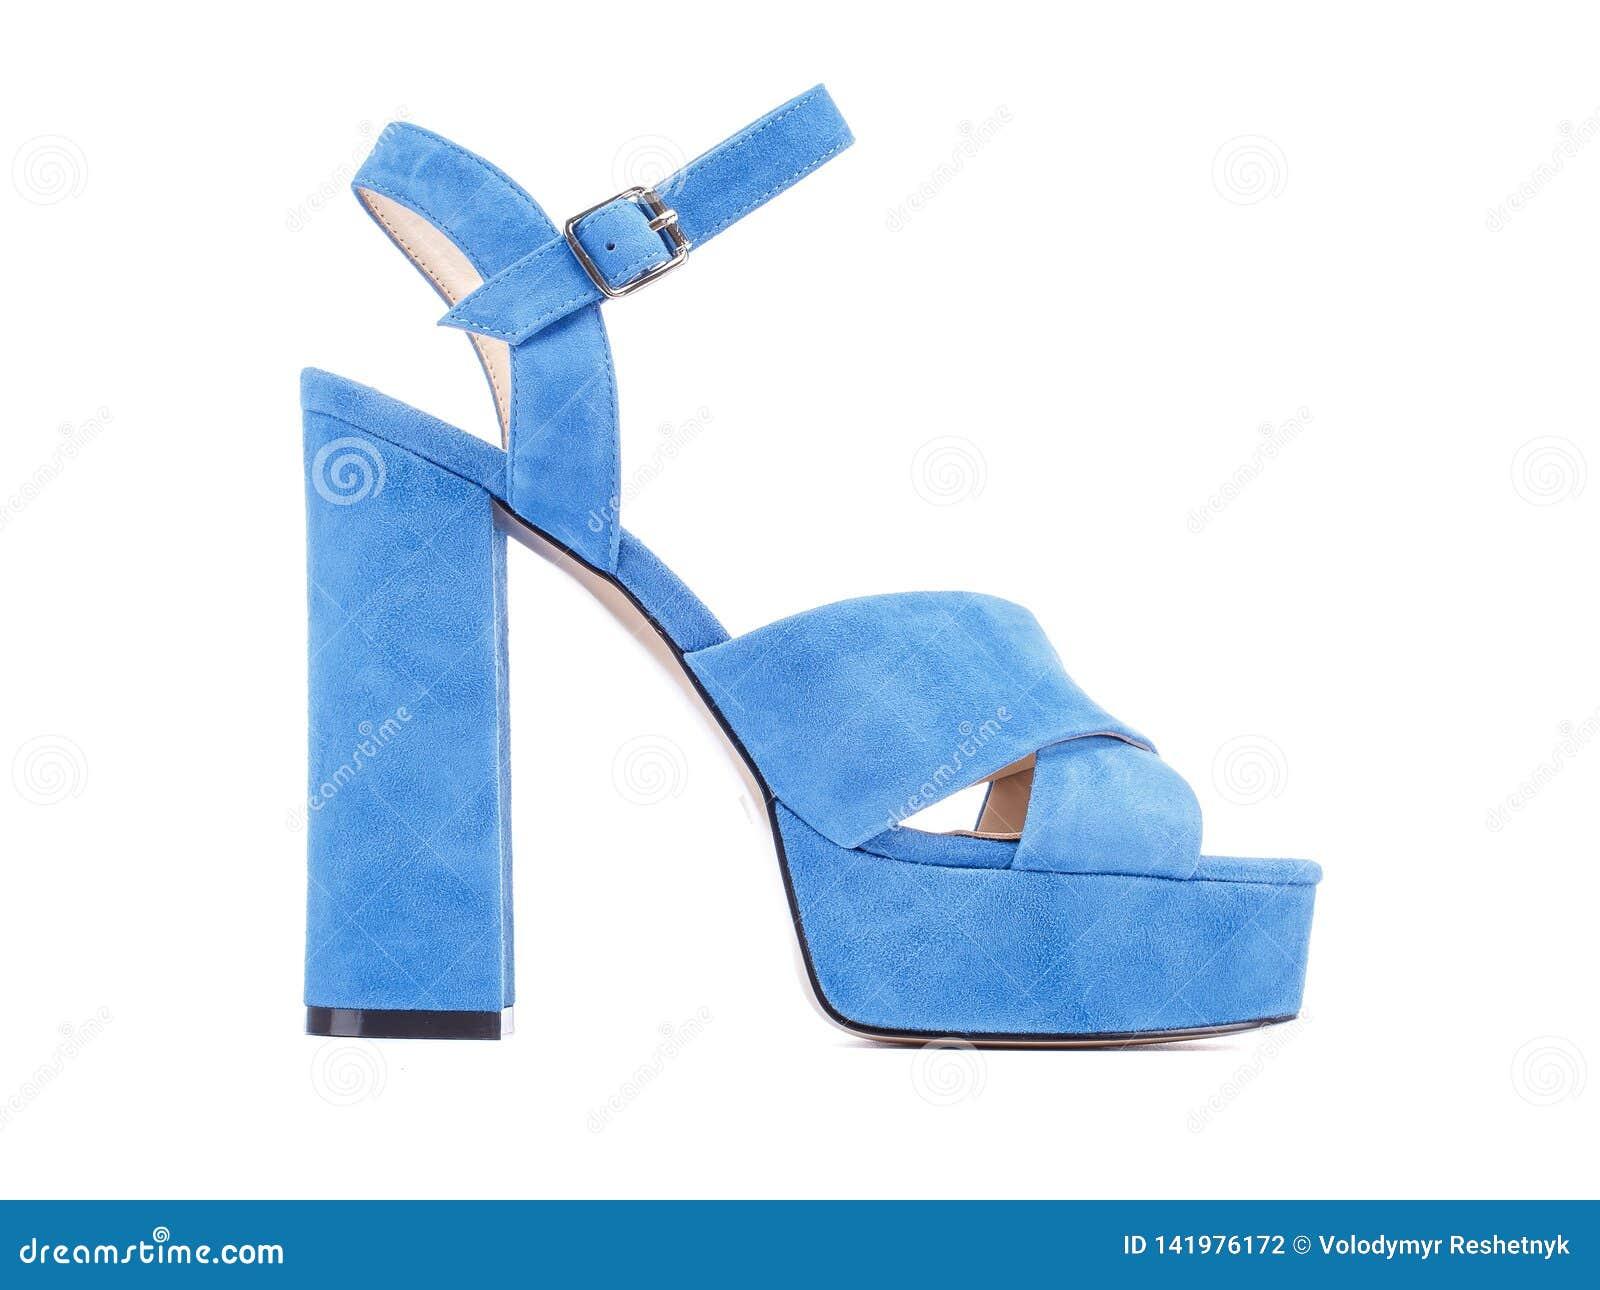 Light Blue Velvet High Heels Shoes